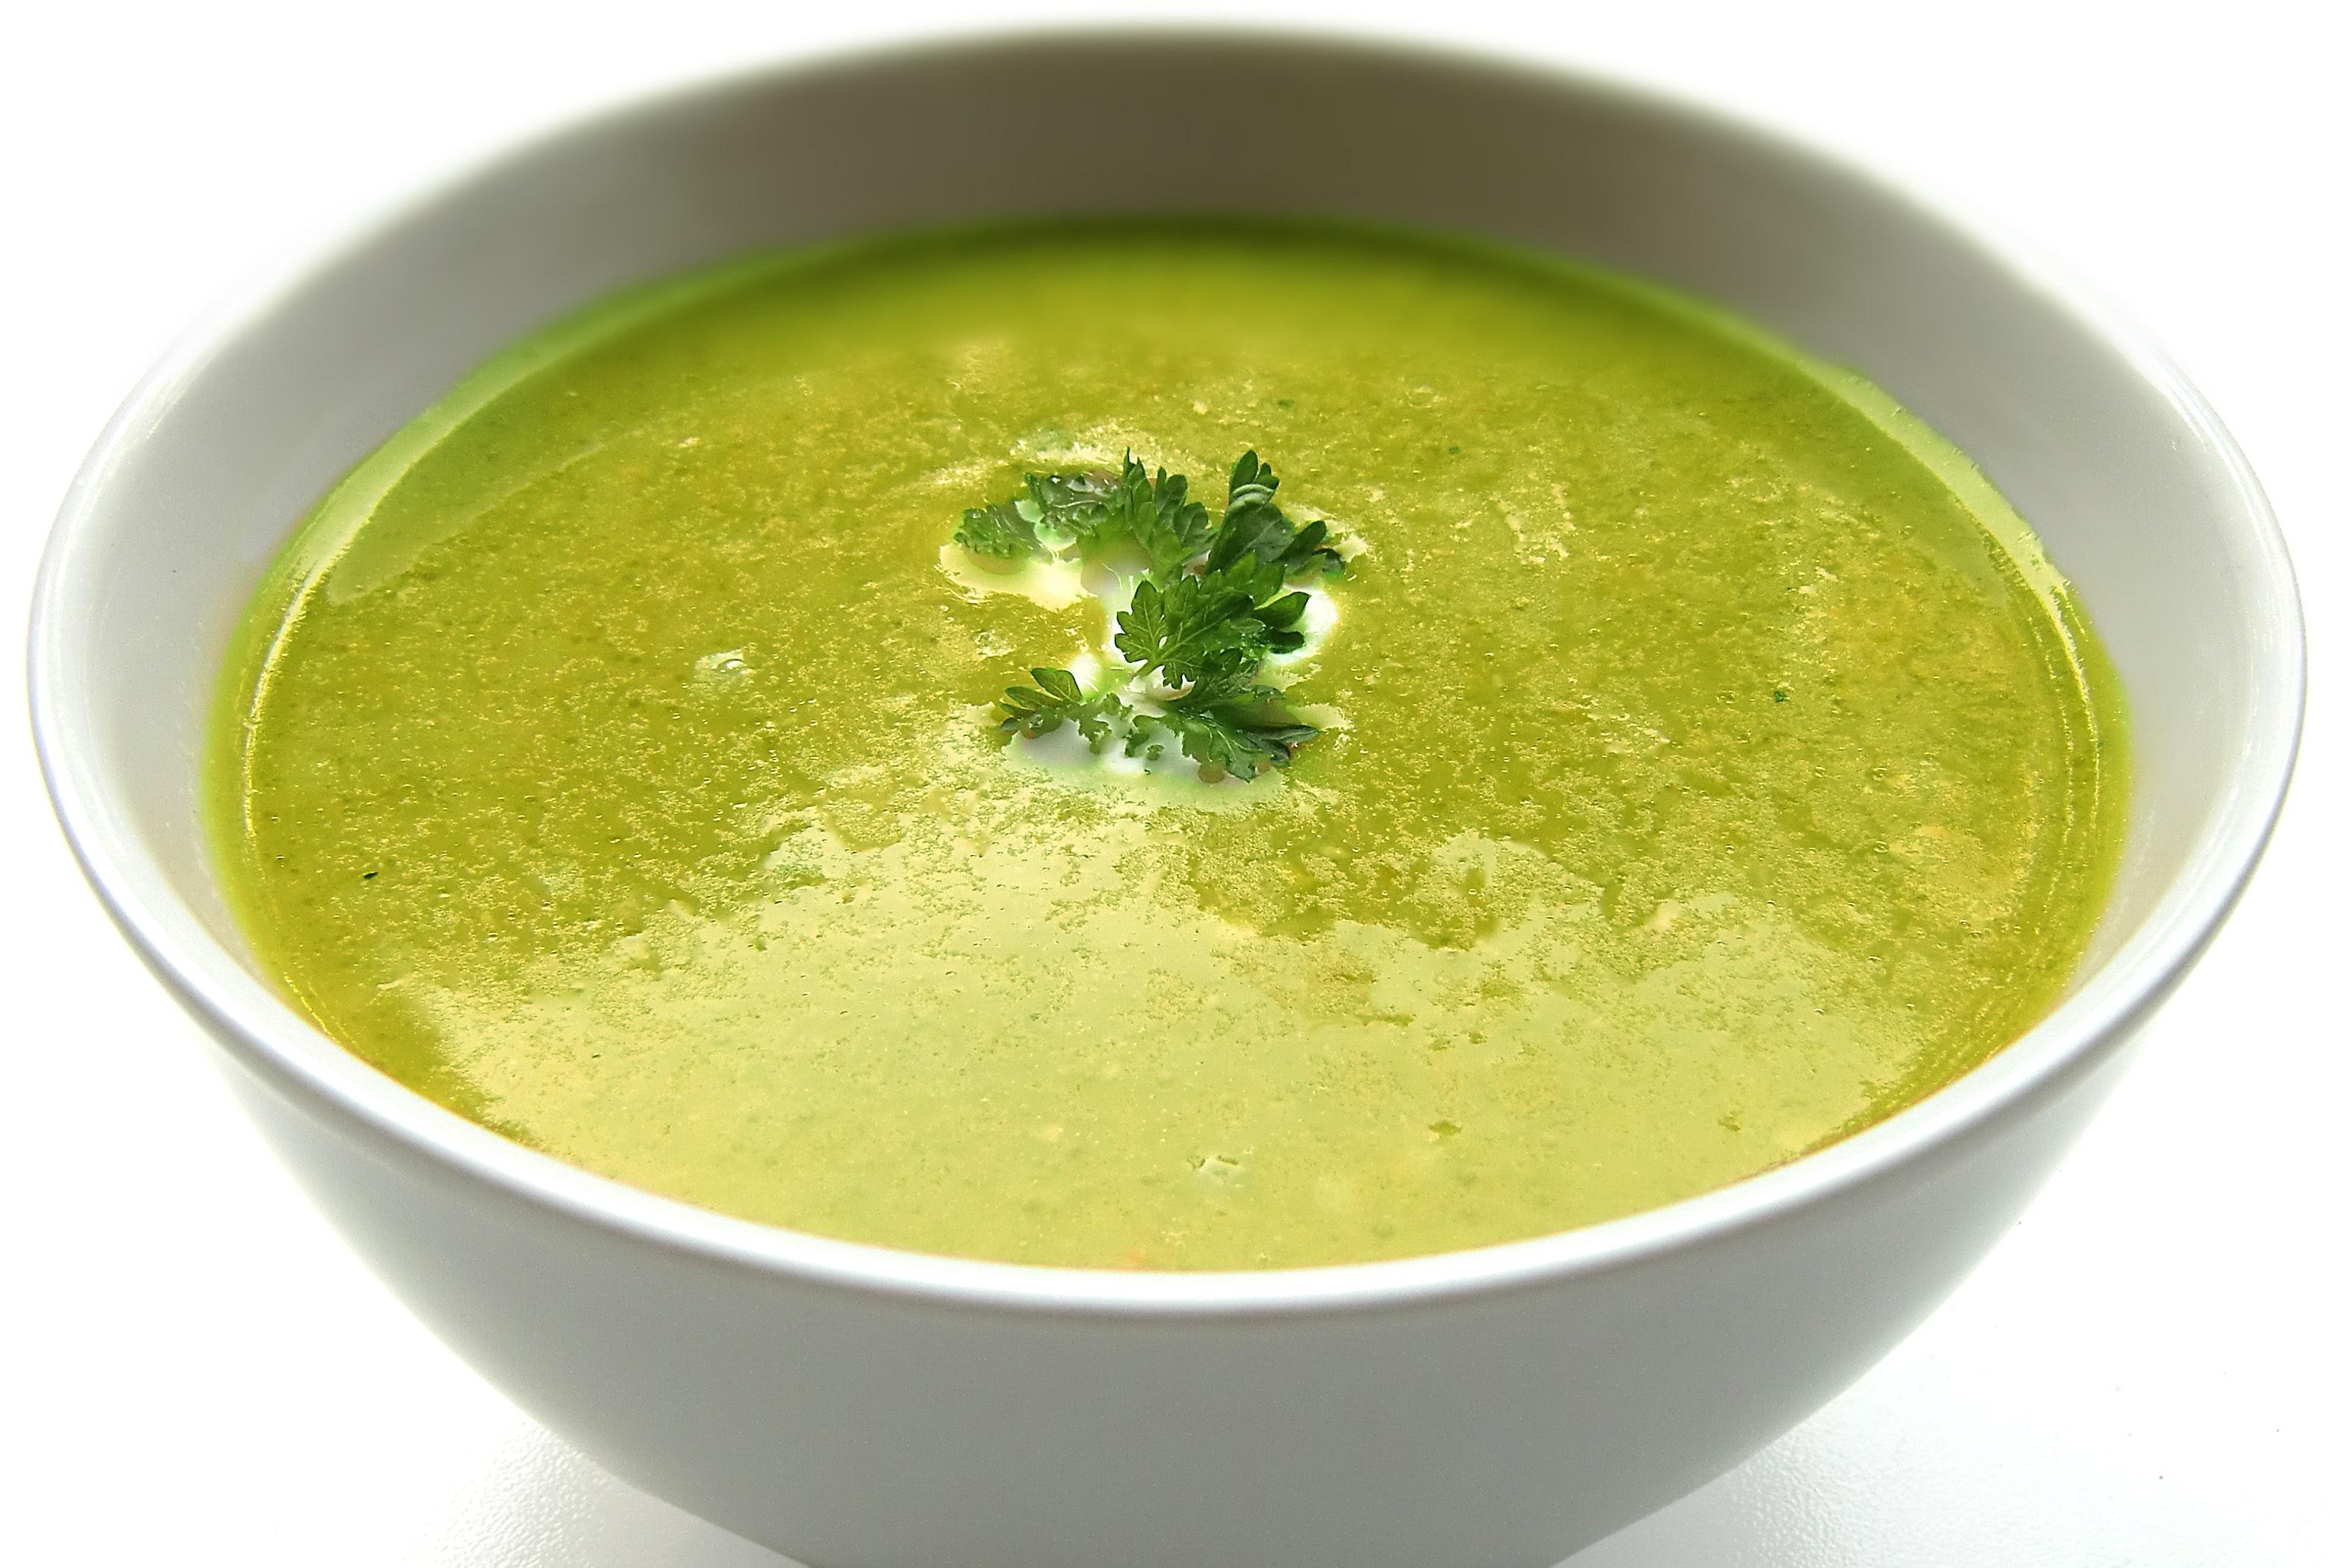 zuppa maritata catanzarese